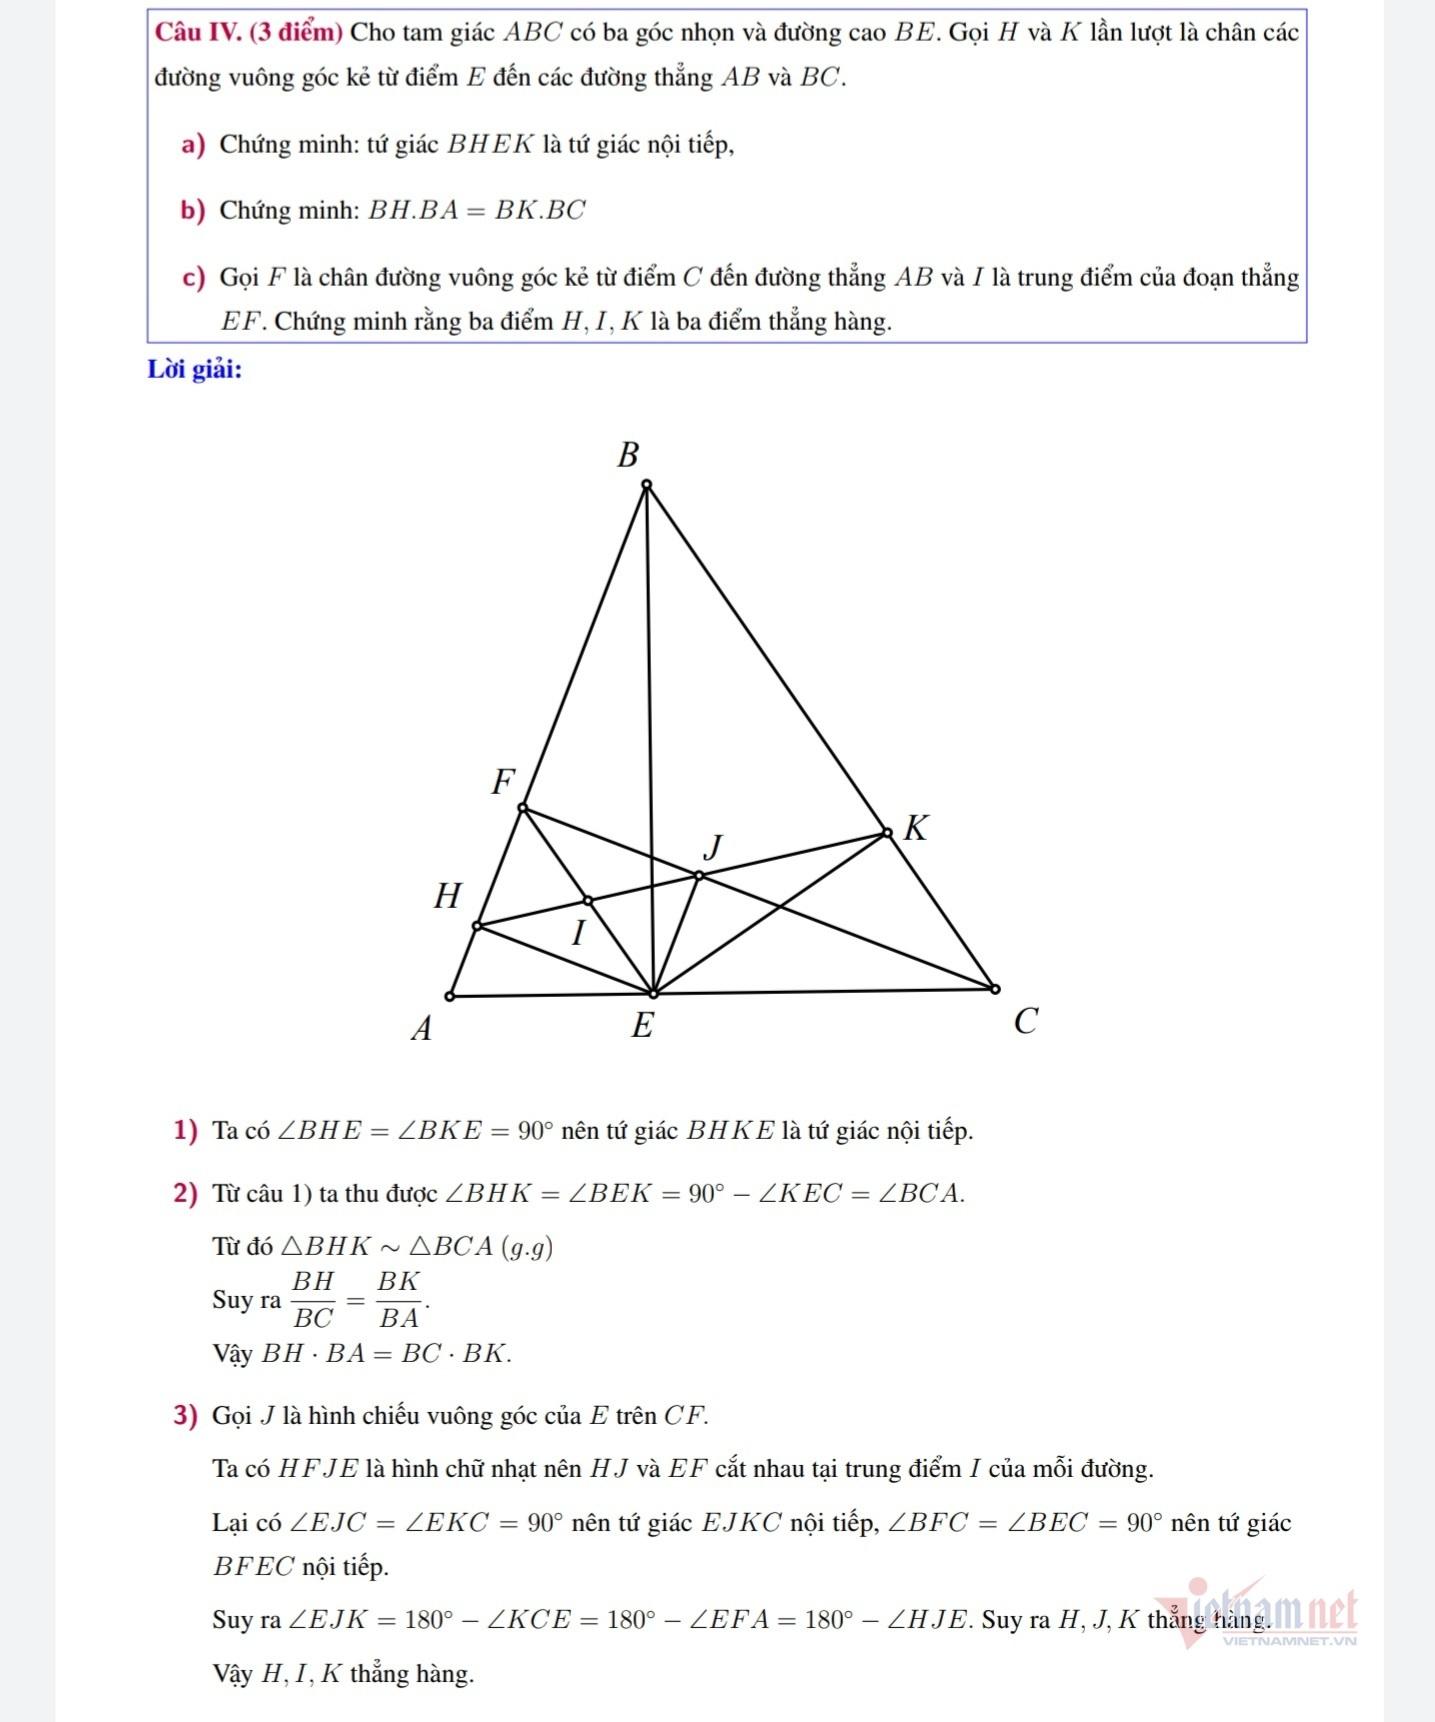 Lời giải đề thi lớp 10 môn Toán của Hà Nội 2020